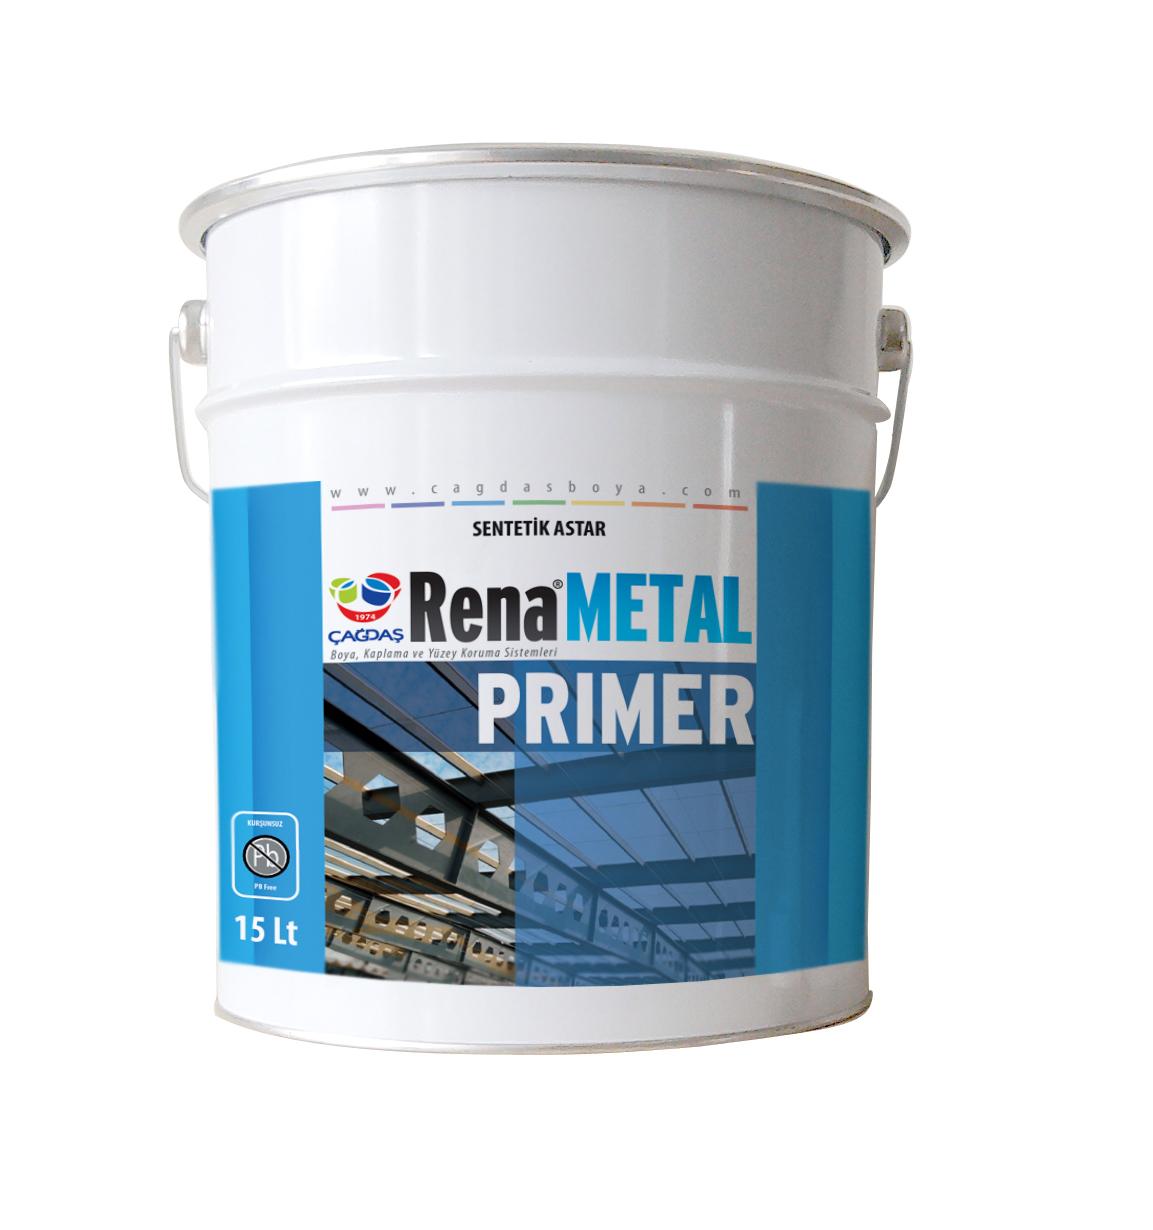 Rena Metal Primer